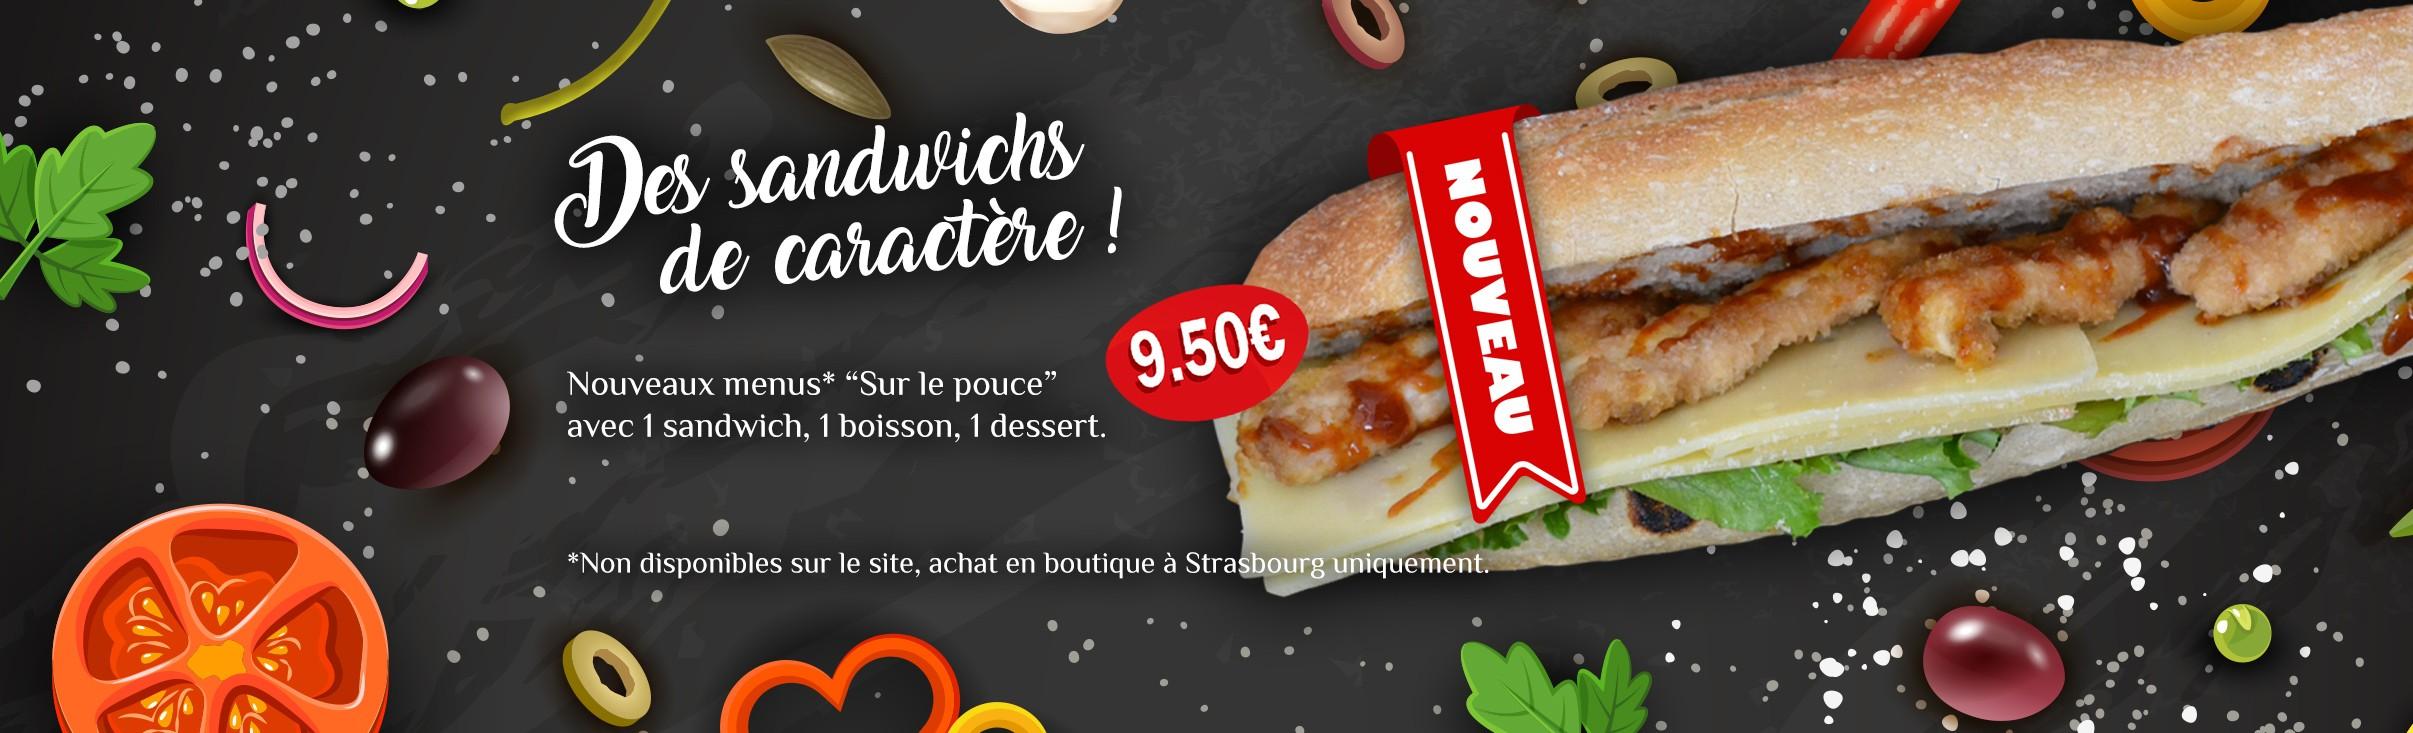 Des sandwichs de caractère !